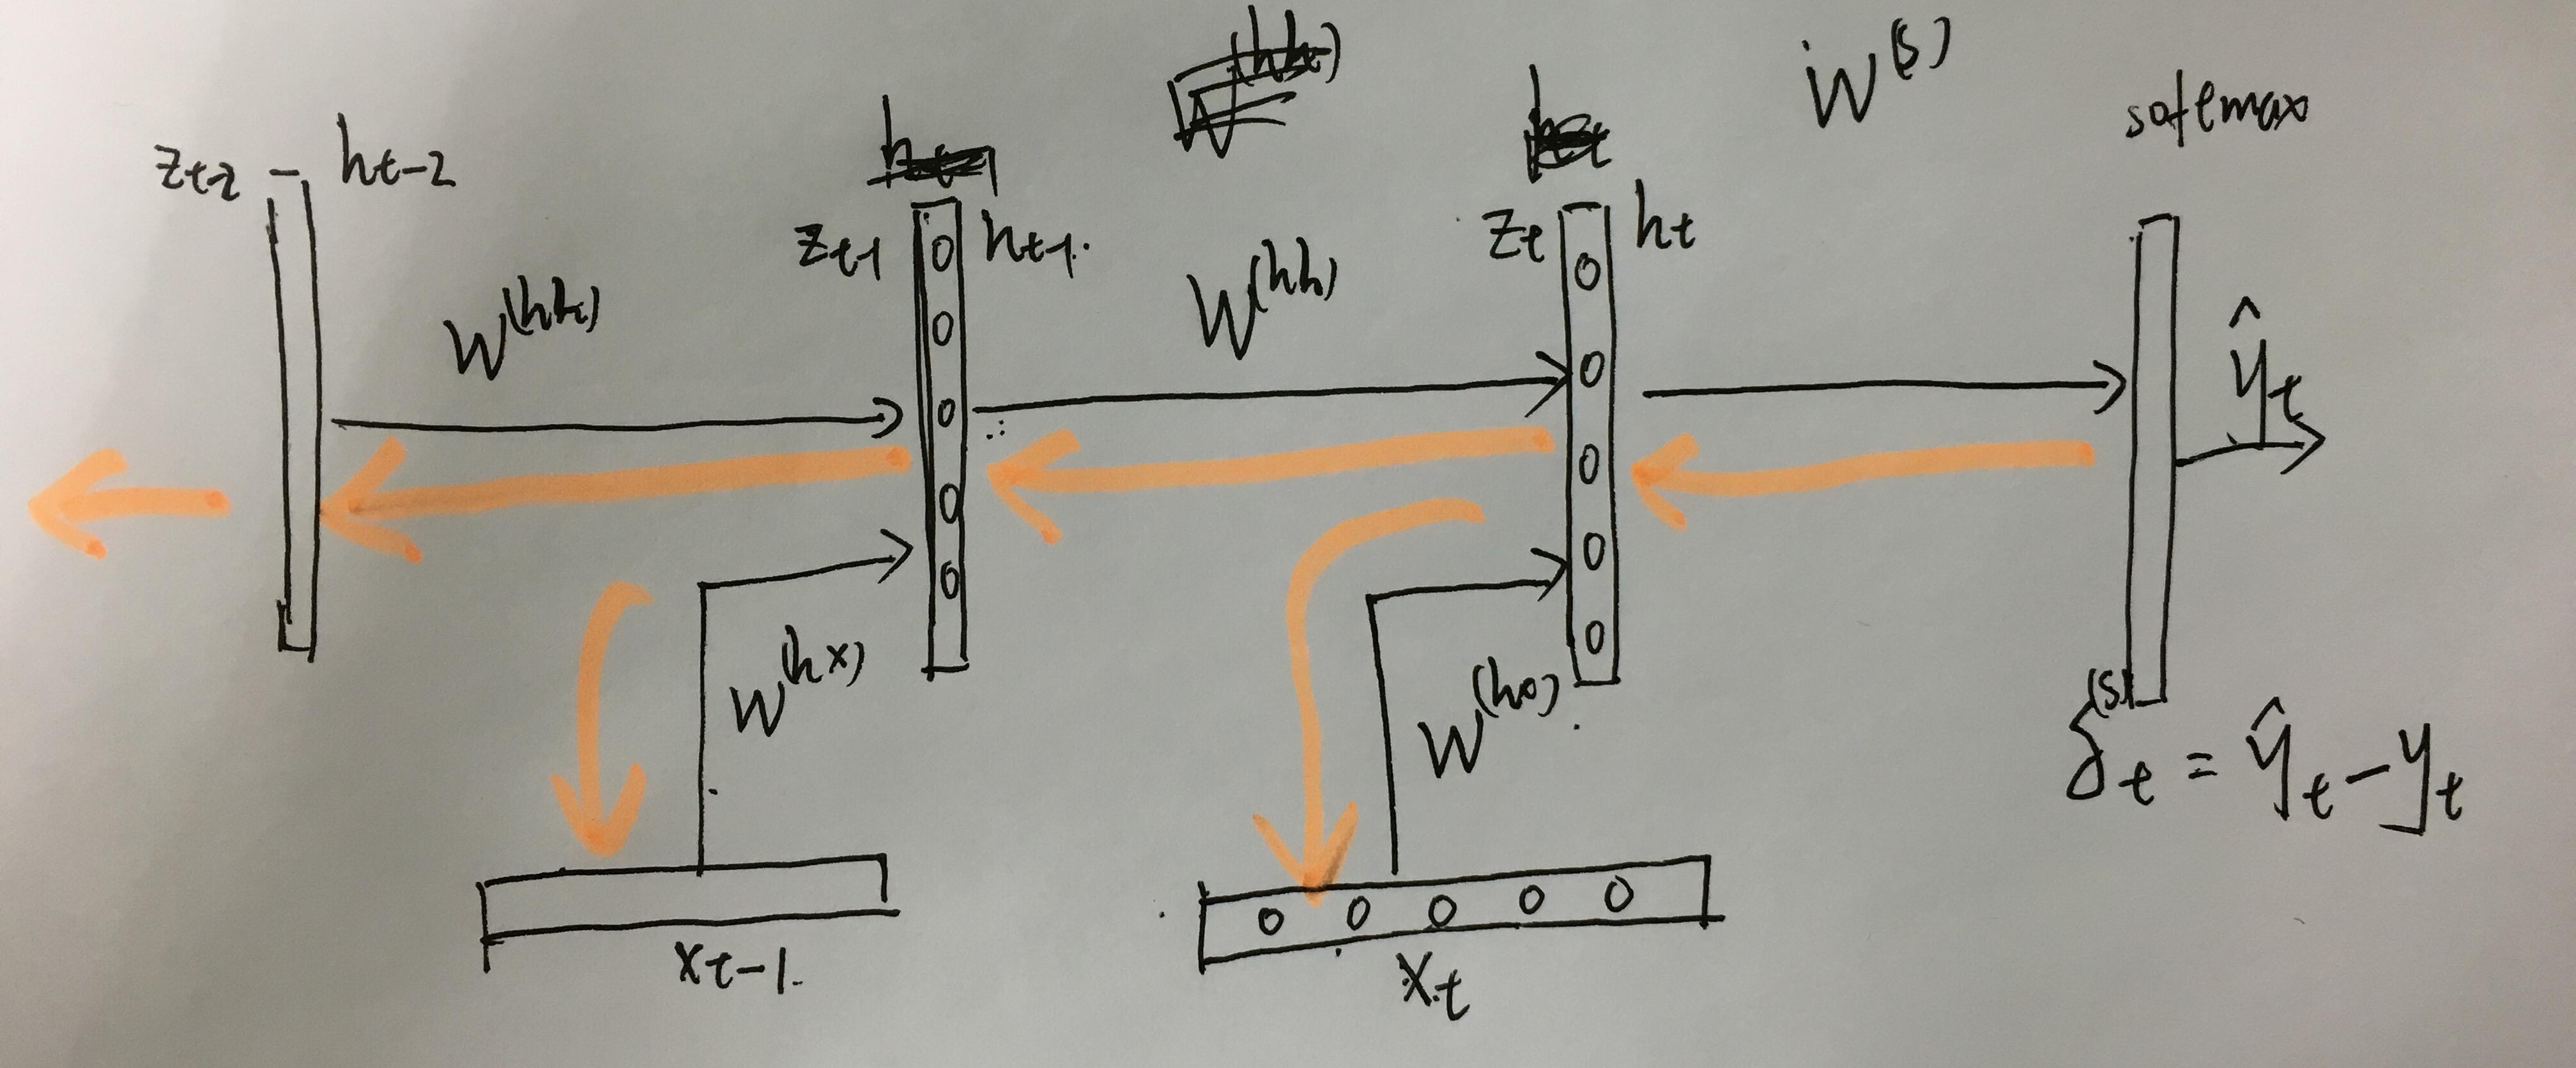 �y-�Z�ޗ��s�出要求_CS224d笔记4——语言模型和循环神经网络(RecurrentNeuralNetwork,RNN